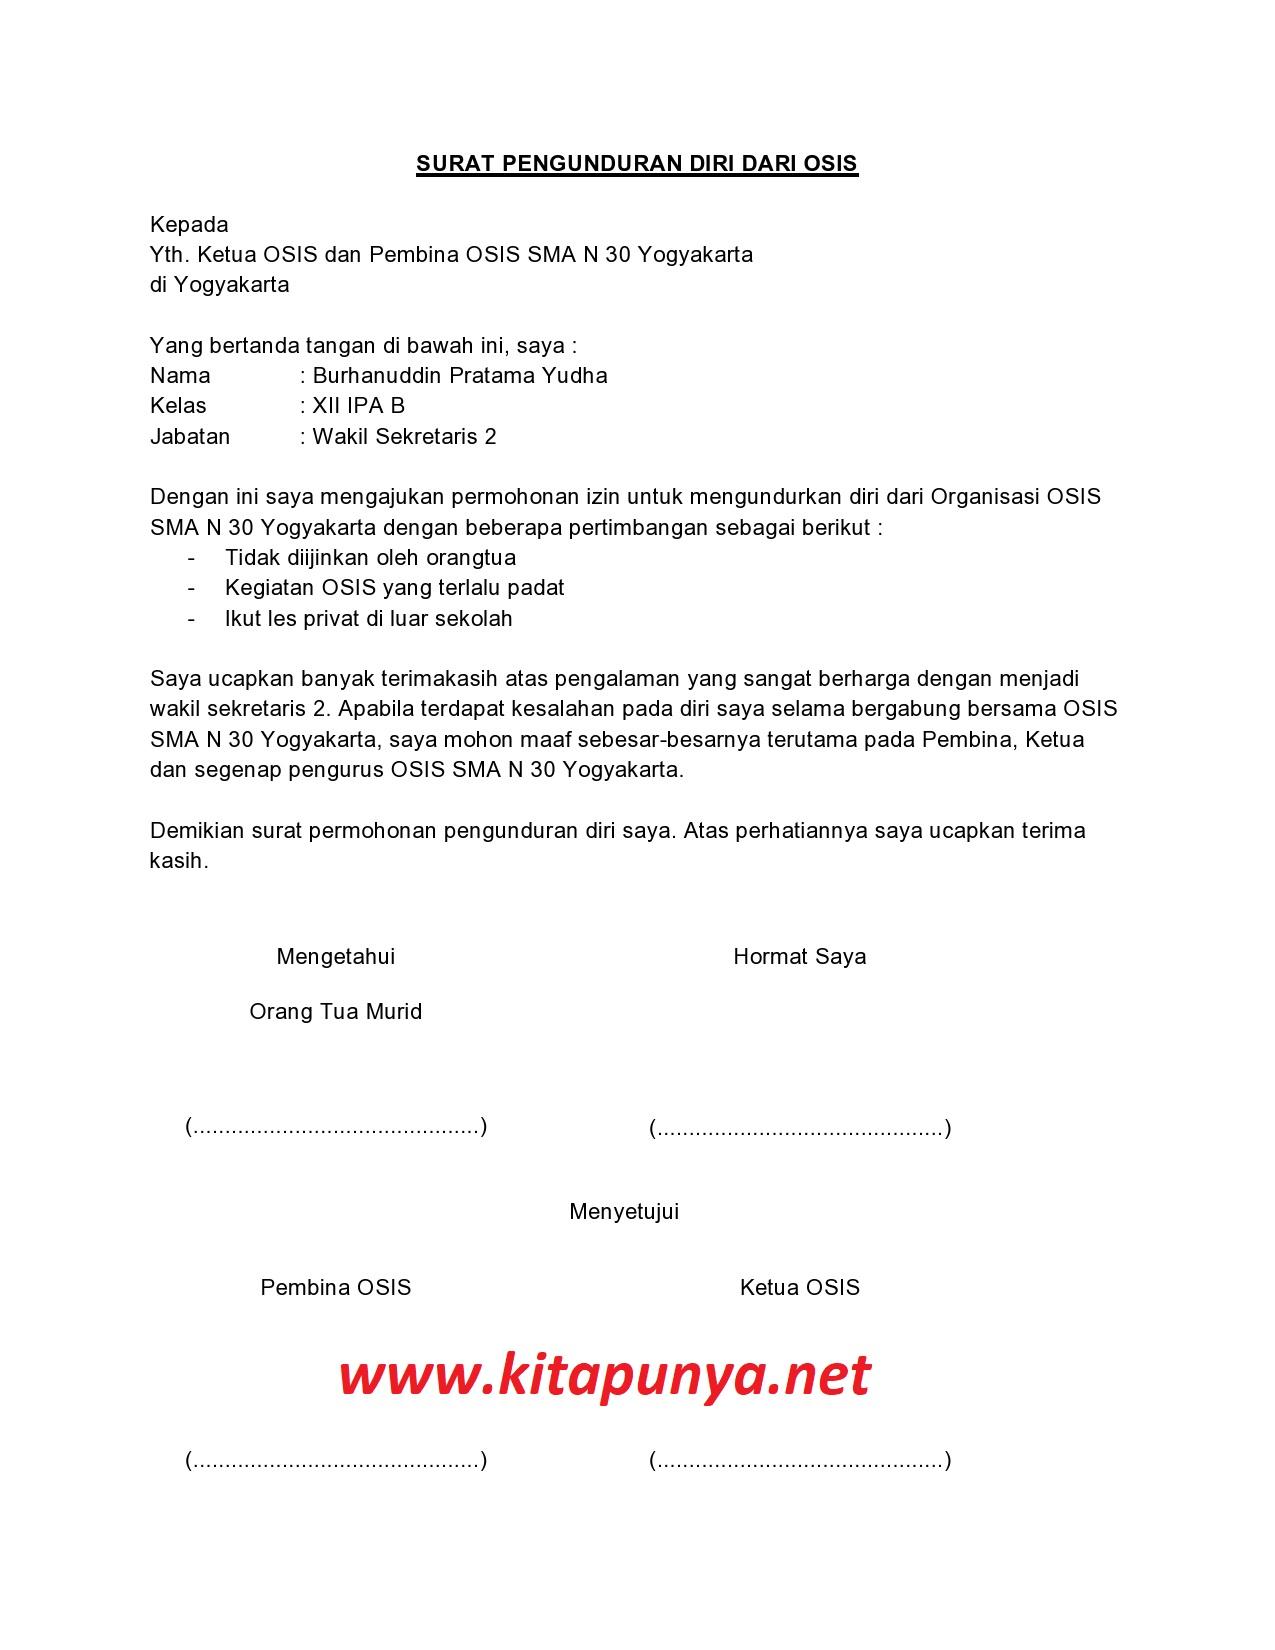 Contoh surat permohonan pengunduran diri dari organisasi